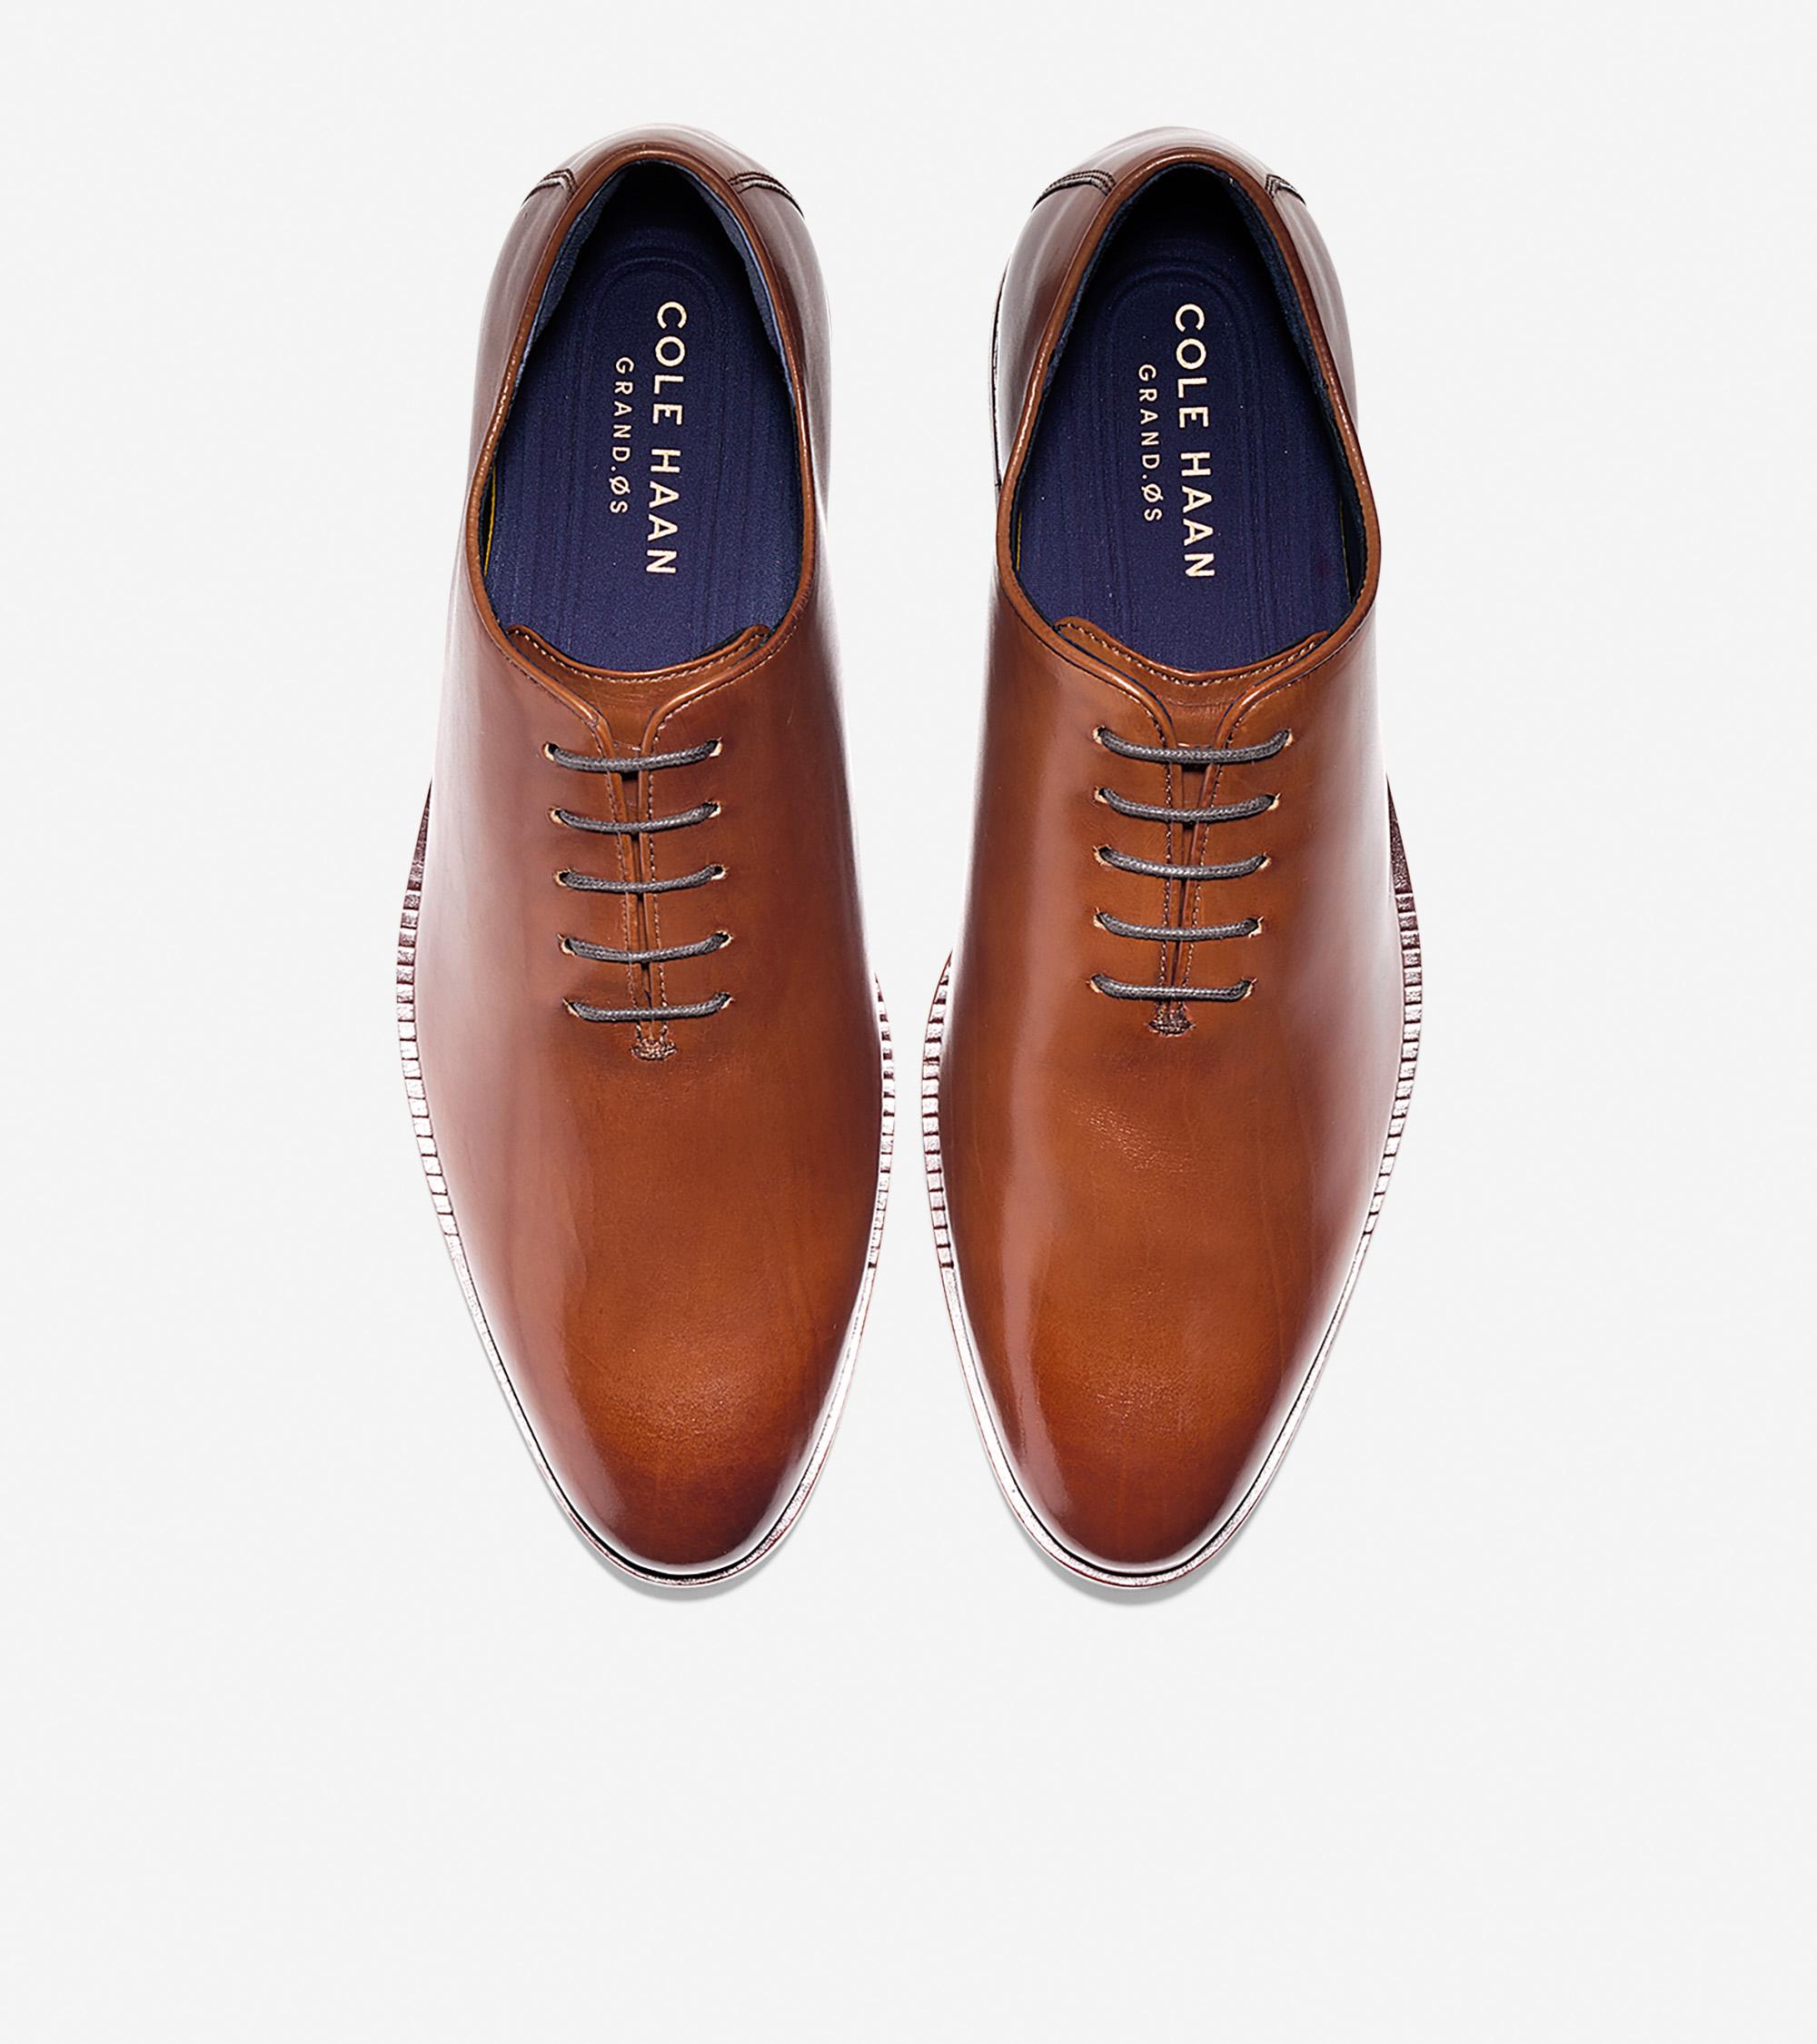 bf9fa7fe84755 Men's Washington Grand Wholecut Oxford in British Tan Leather   Cole ...